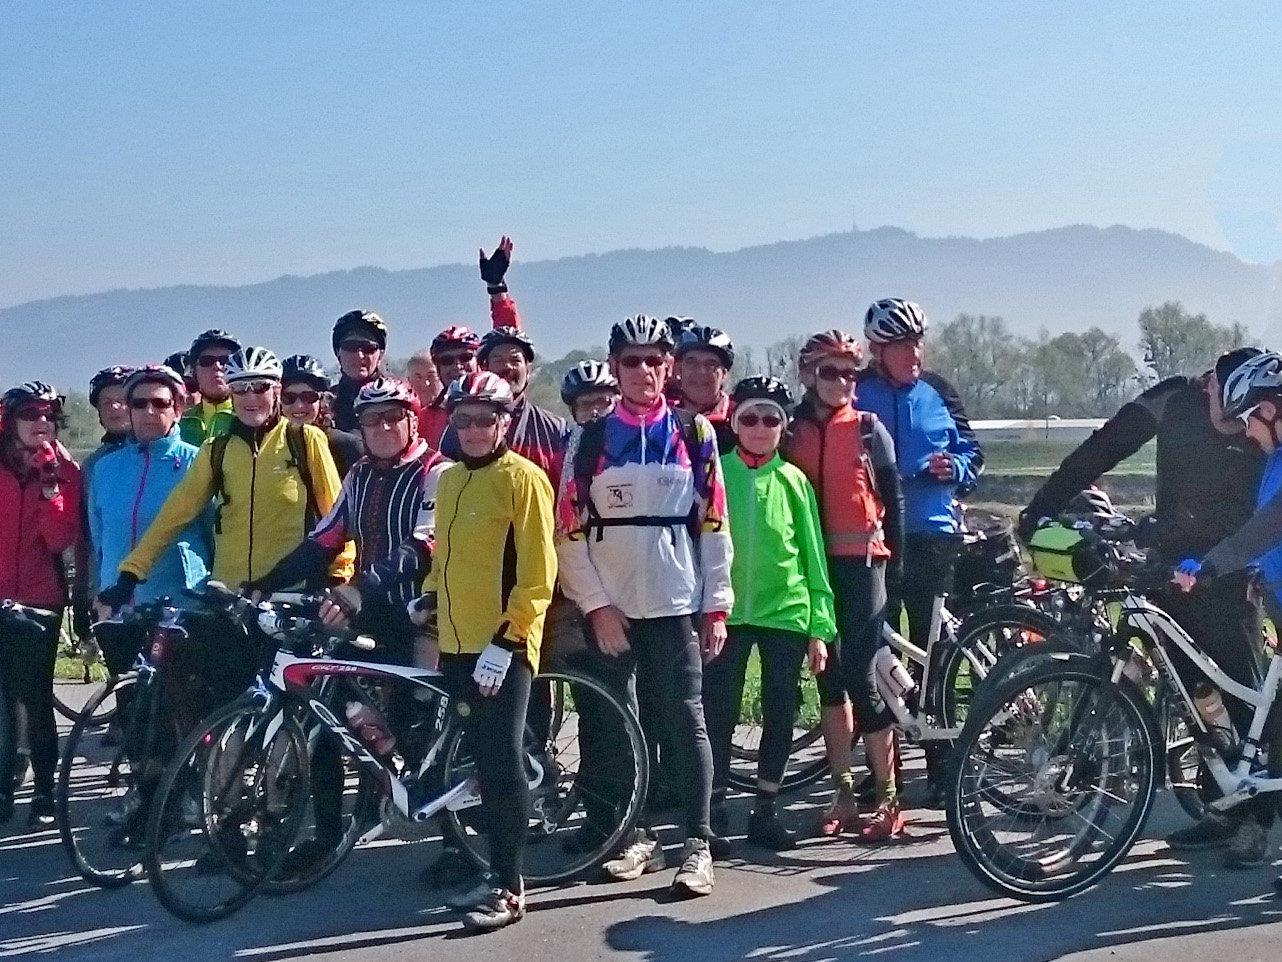 Radteam per pedales beim Einradeln im Rheindelta